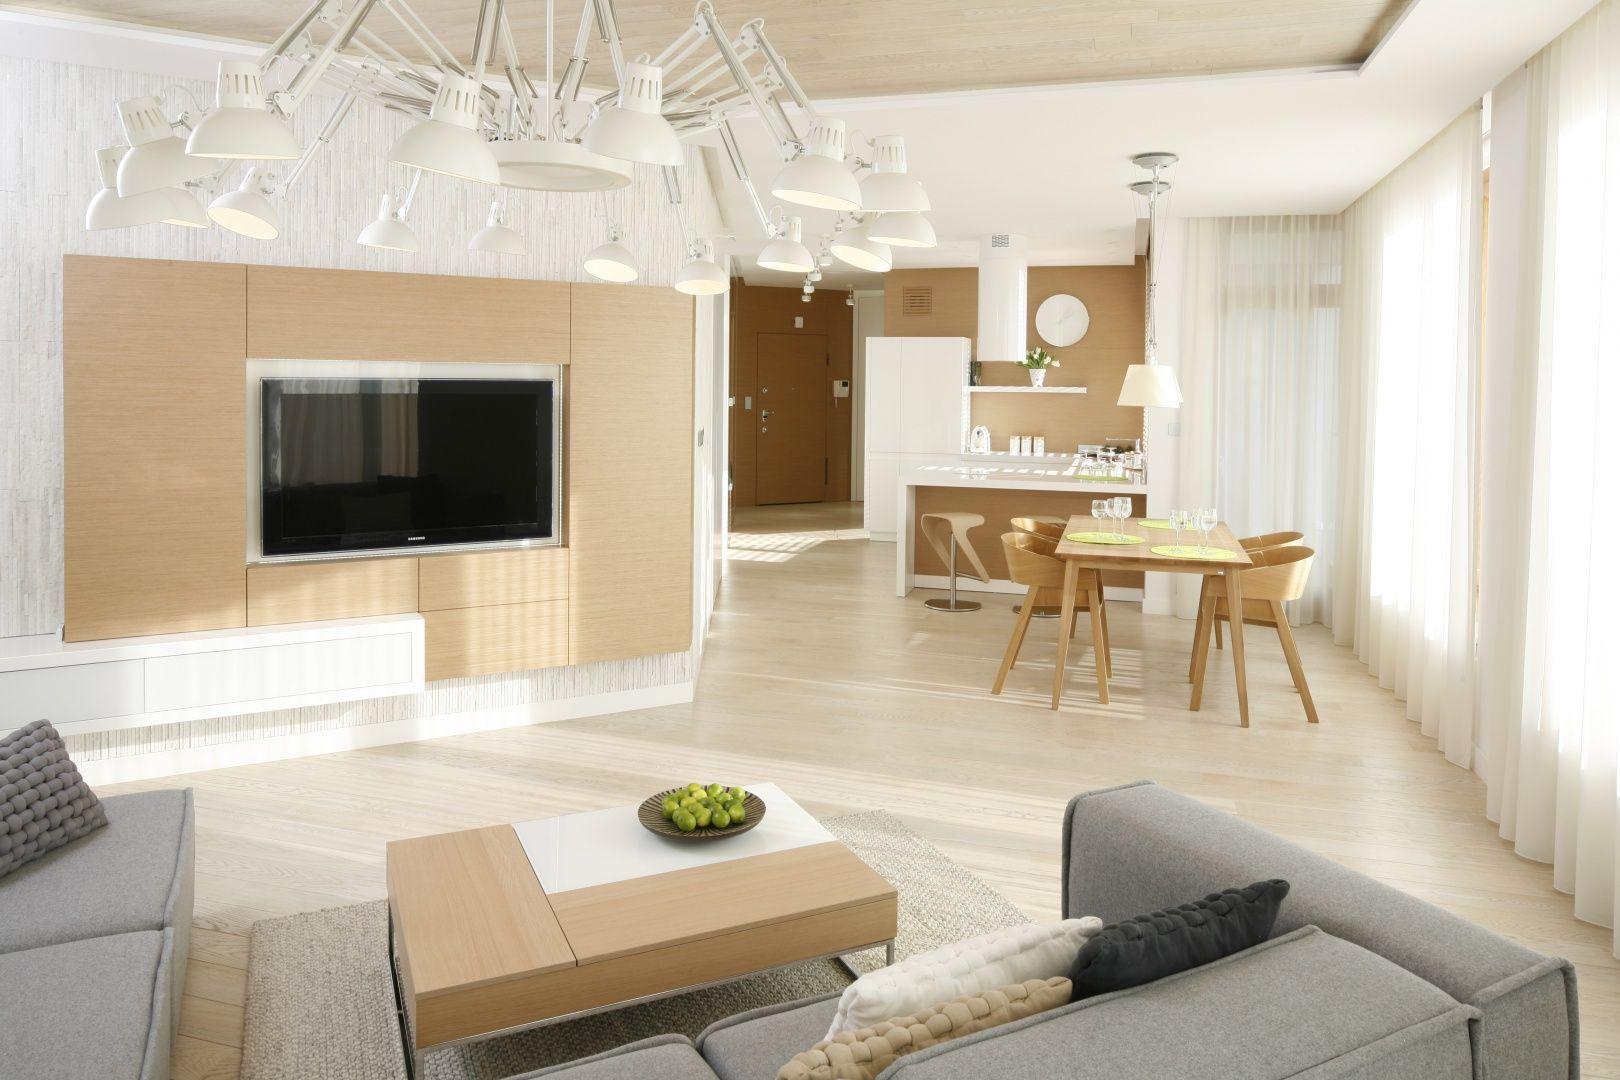 Biały salon z drewnem w skandynawskim stylu. Projekt: Maciej Brzostek. Fot. Bartosz Jarosz